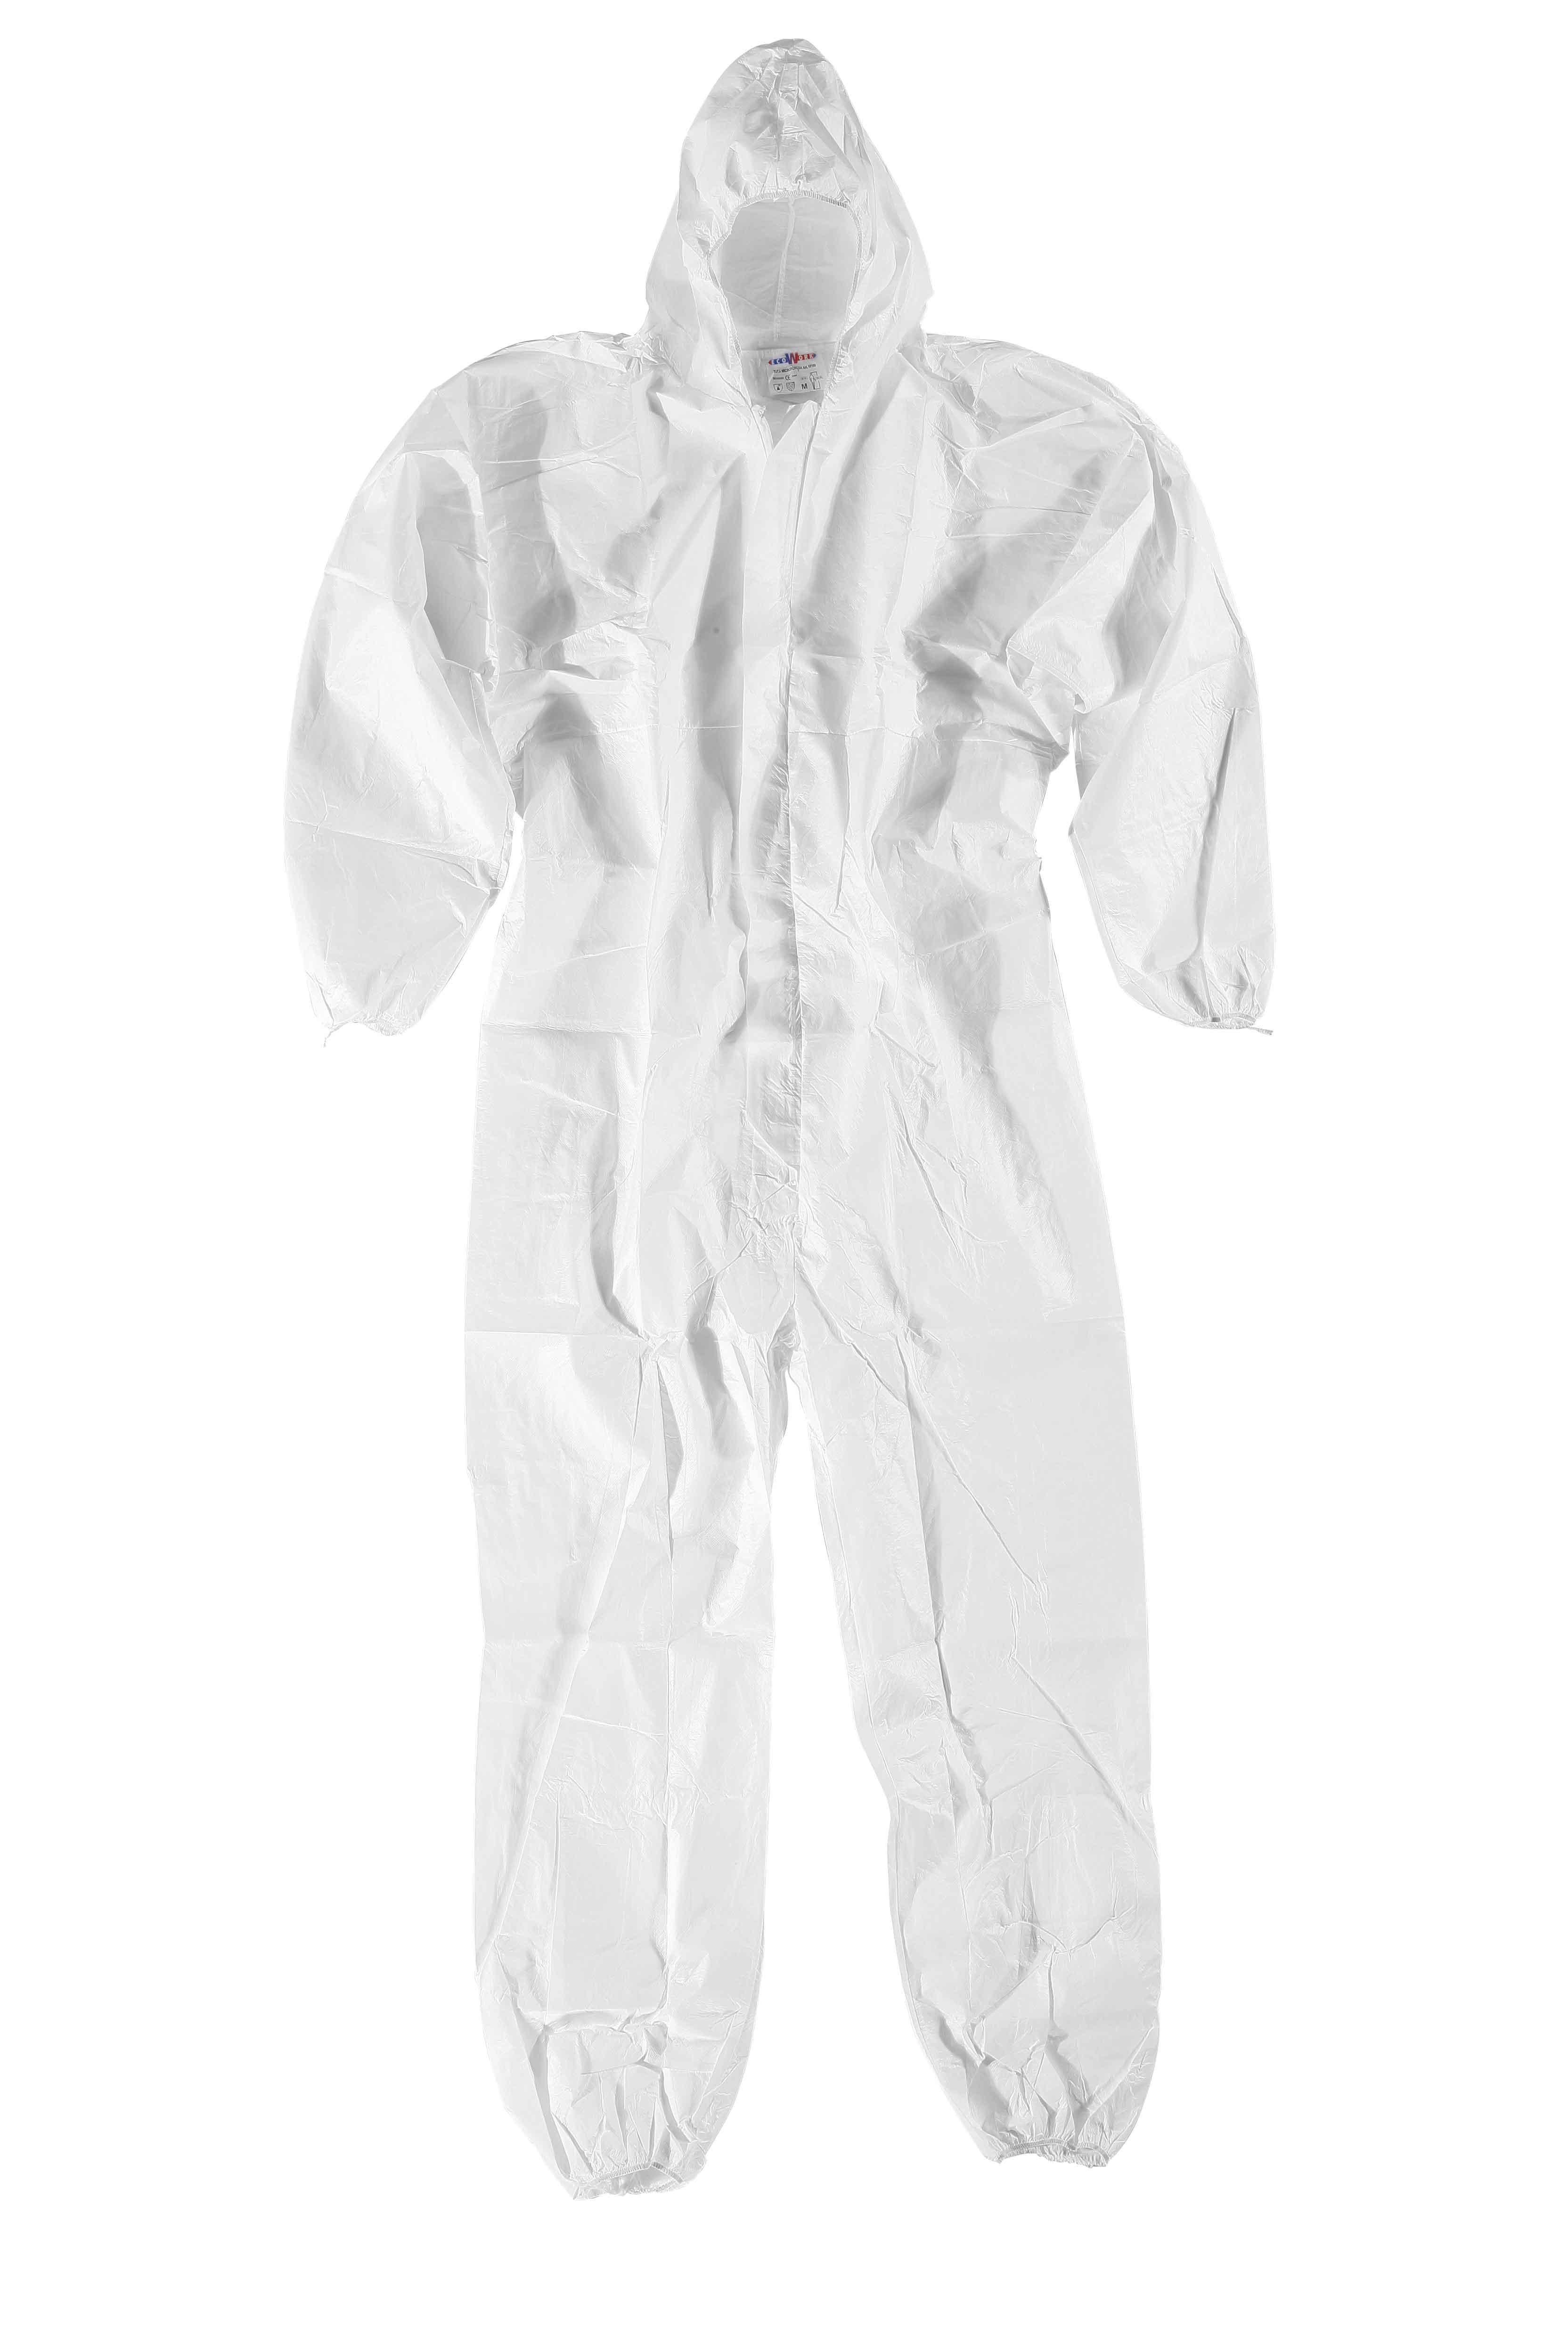 TUTA 3M 4500 Bianco uso generico protezione da liquidi e polveri non pericolose in PP 45g/mq _ TG XL